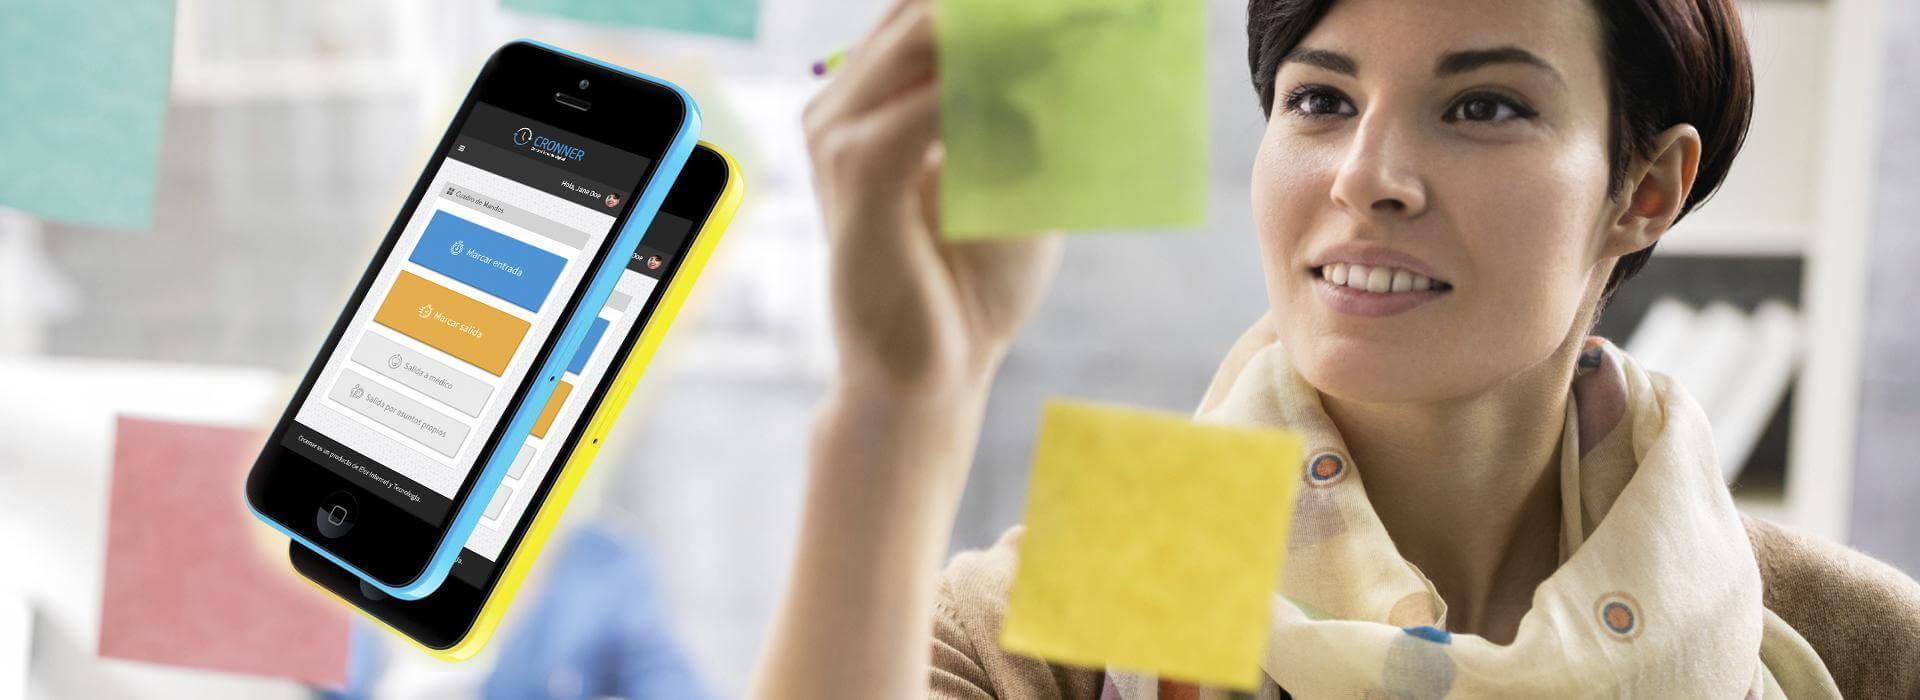 Nuevo sistema profesional de control de asistencia personal, Cronner App